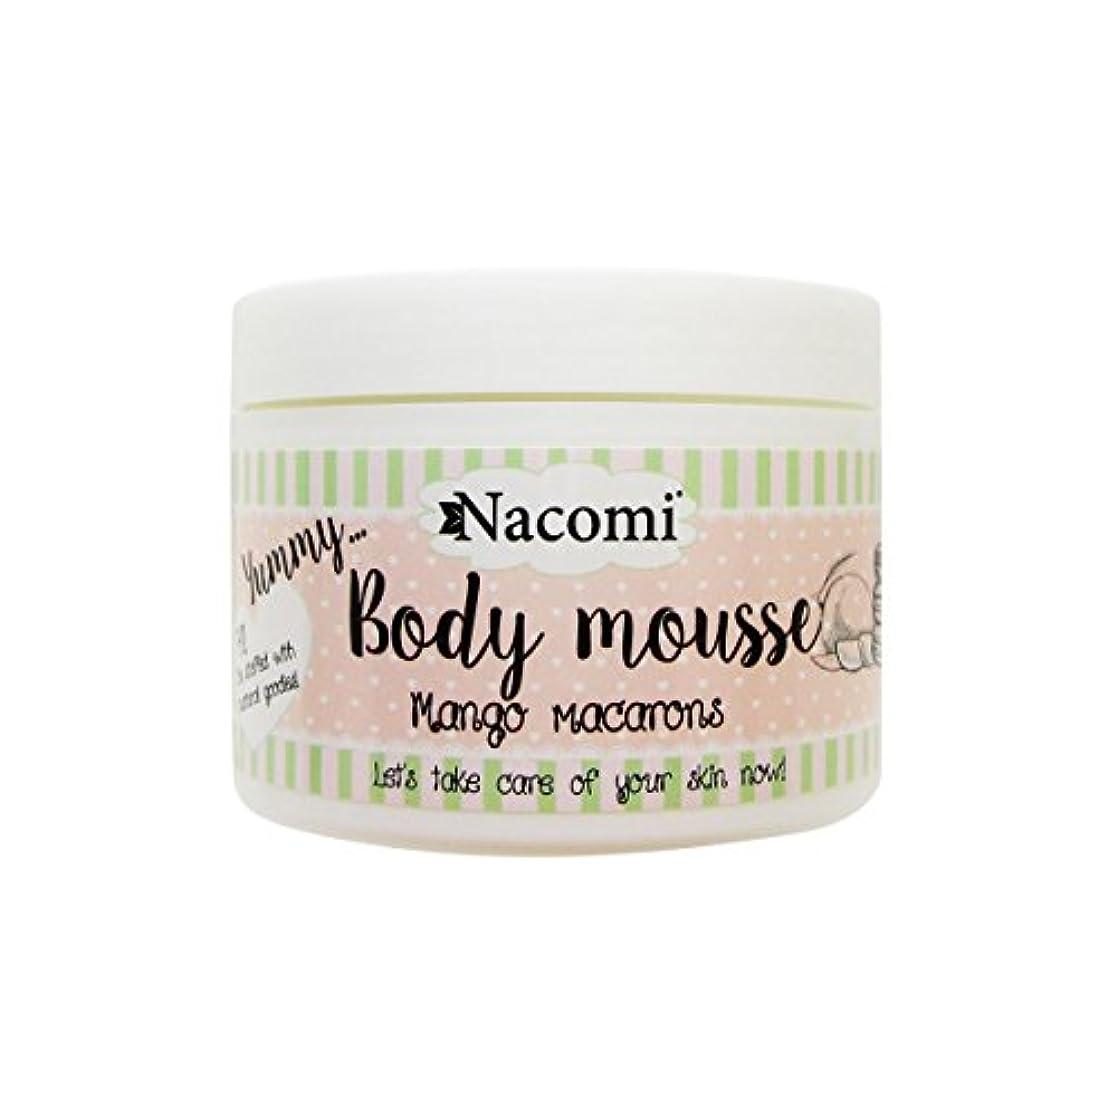 びっくりした落ち着いて壮大Nacomi Body Mousse Mango Macarons 180ml [並行輸入品]